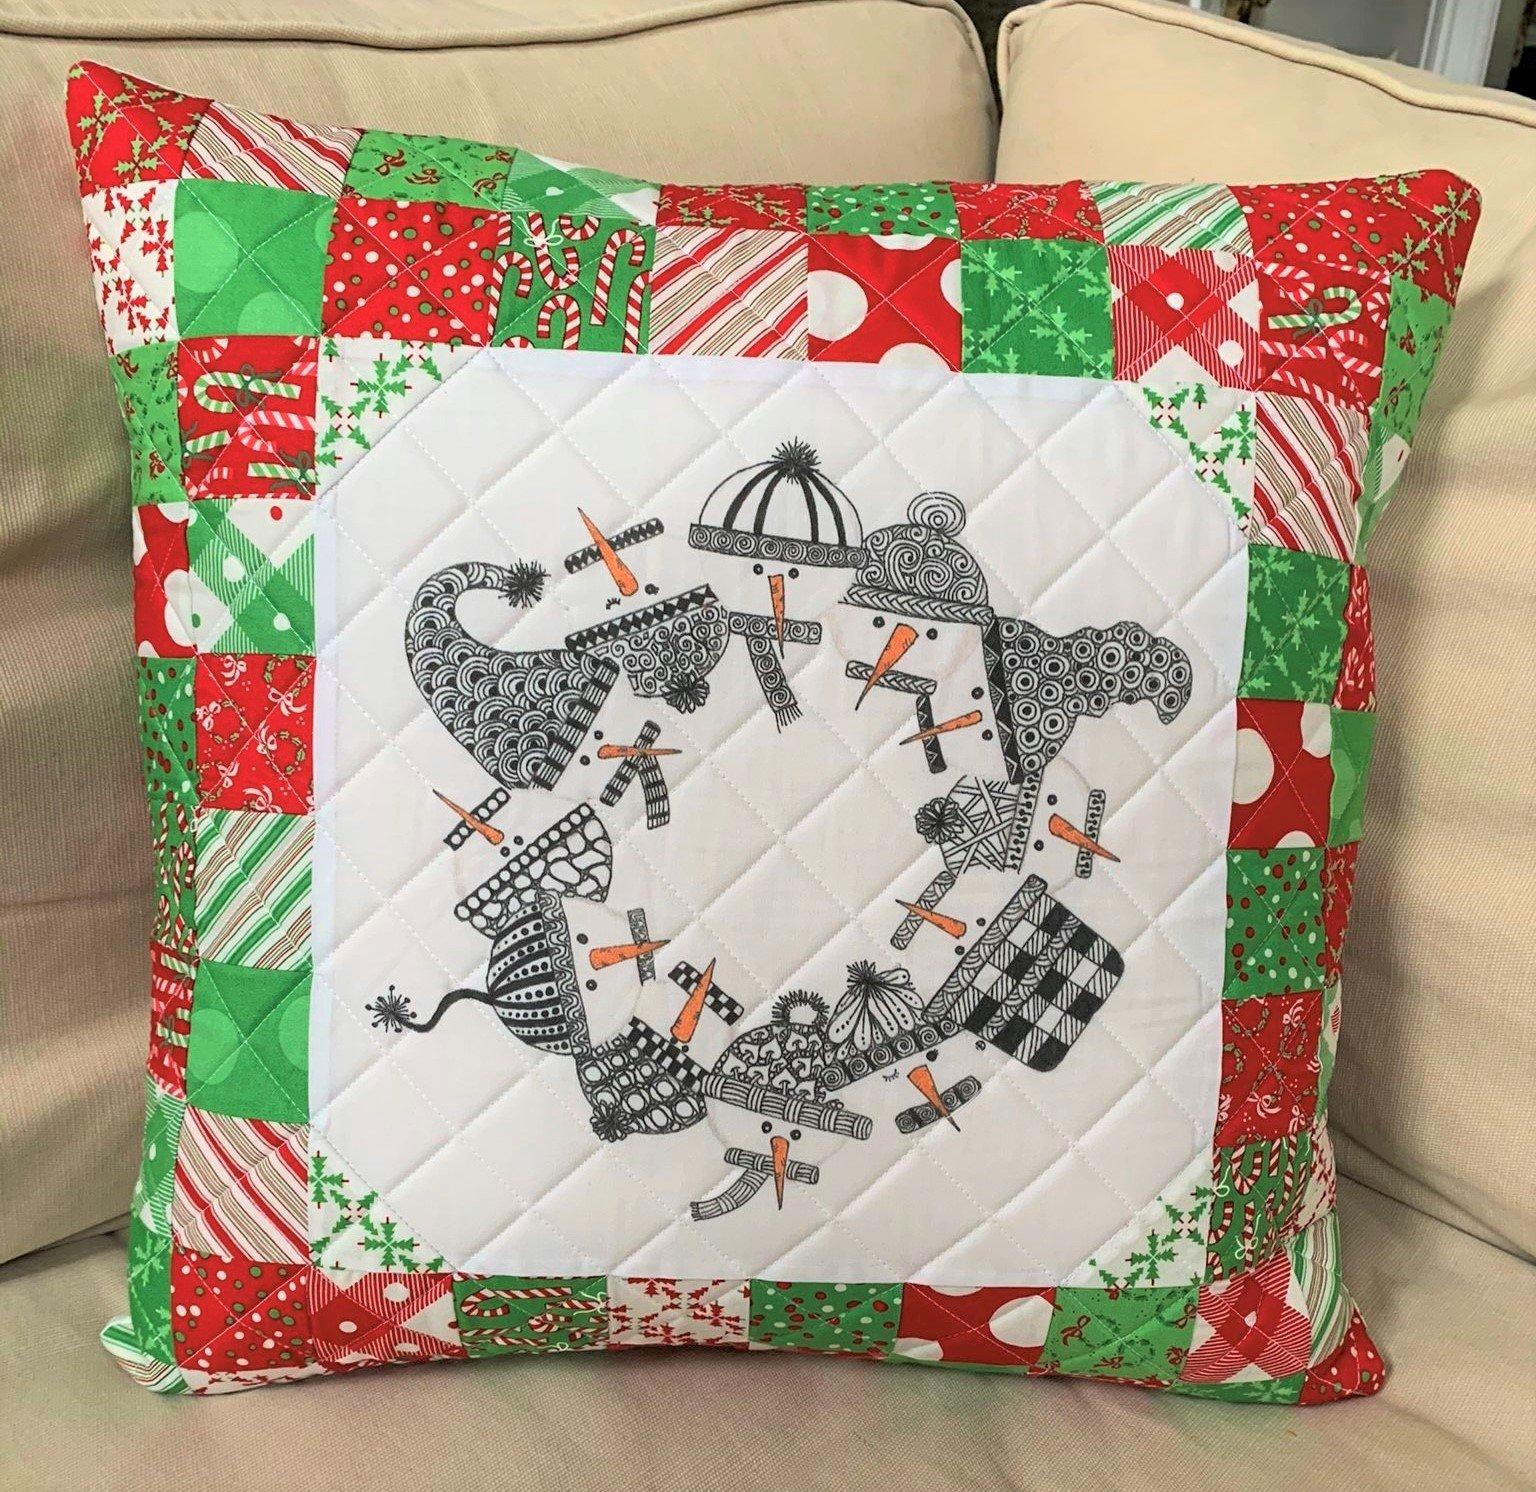 Zentangle Inspired Snowmen Circle of Friends Pillow Kit - RRQ Original